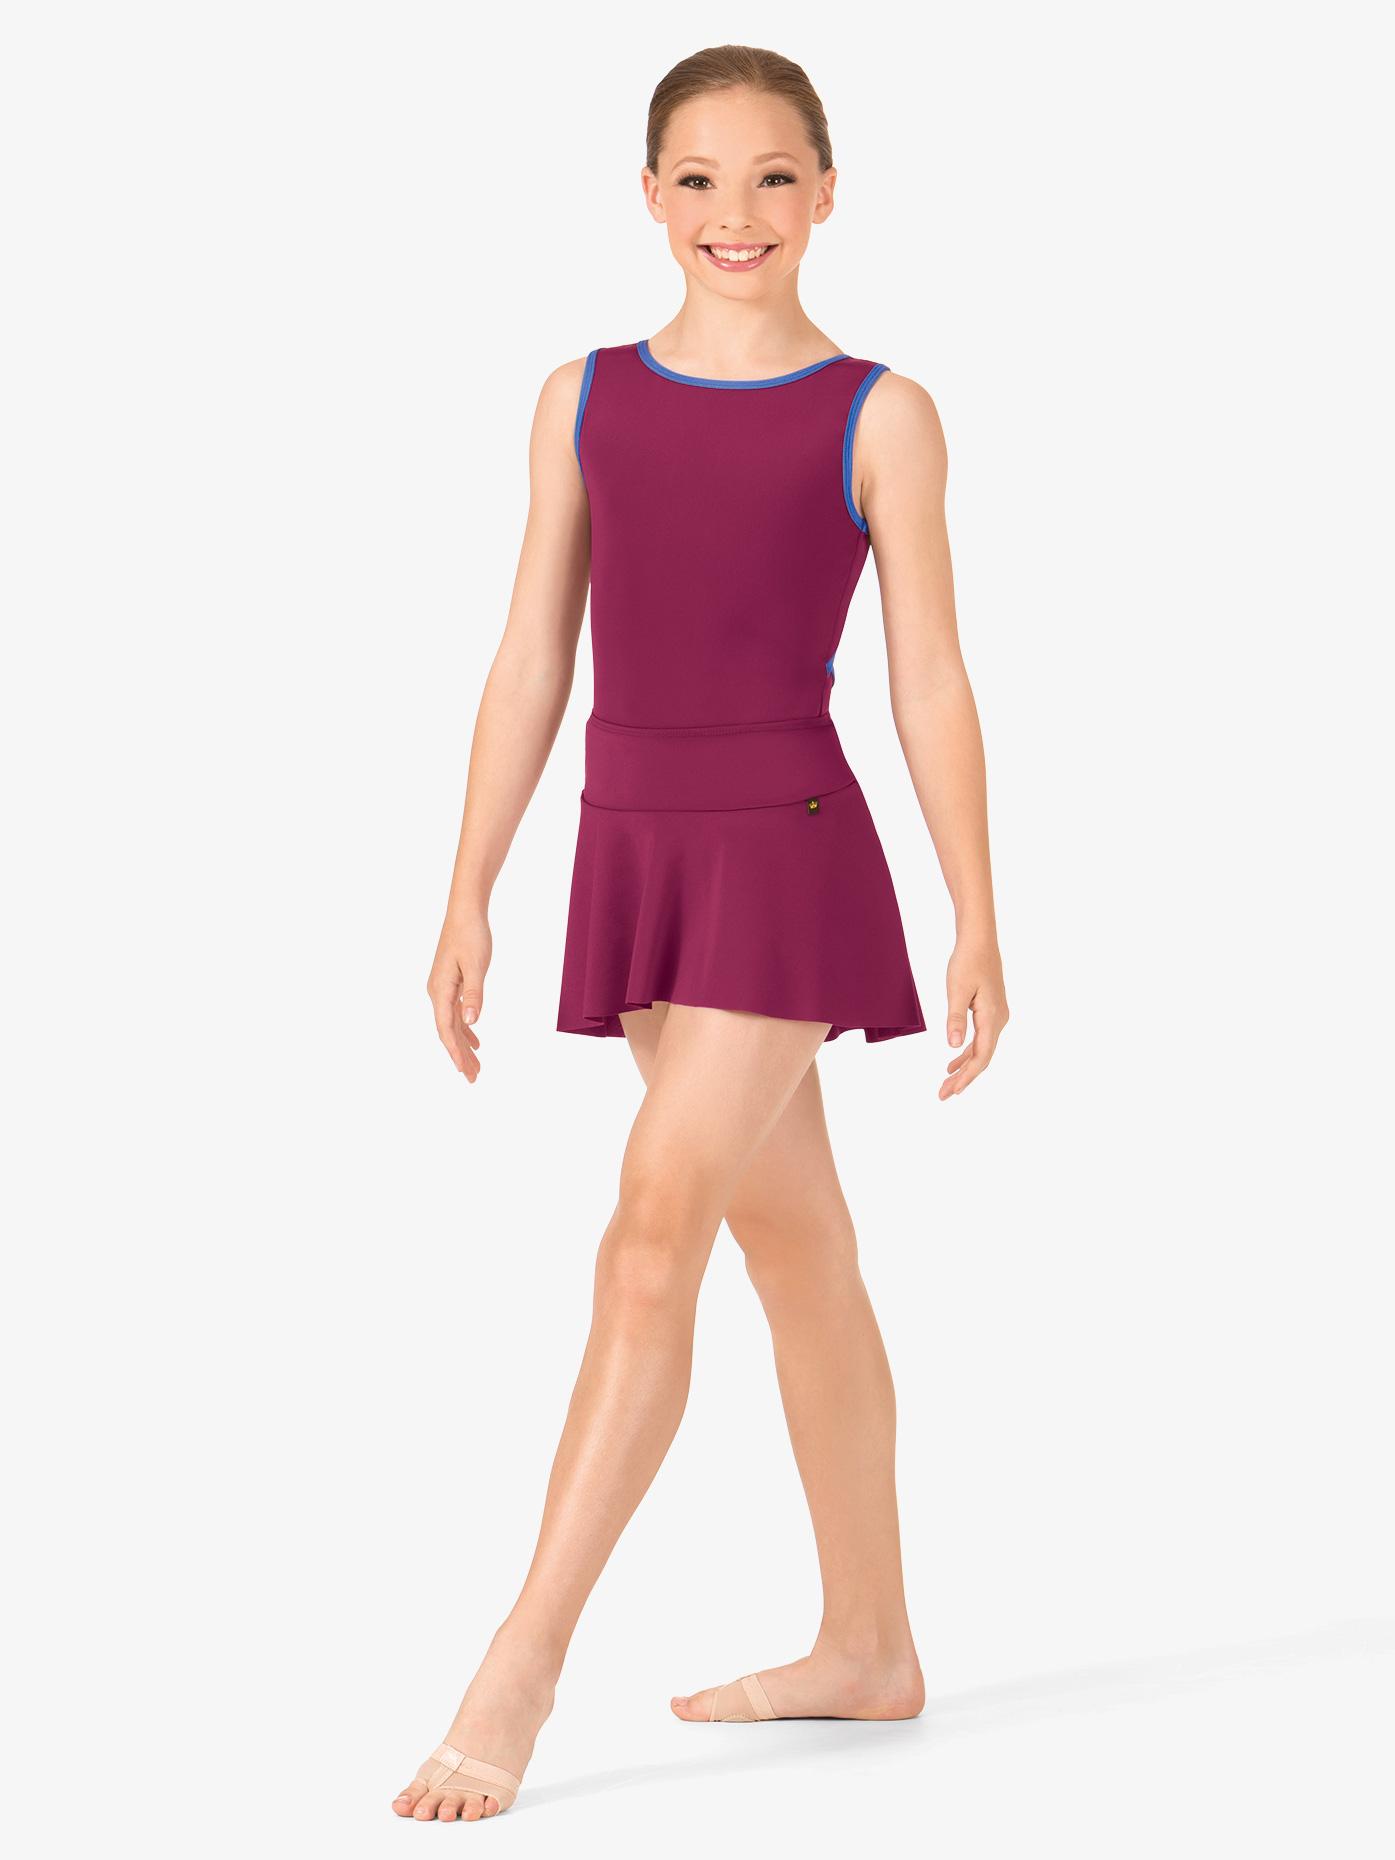 Mariia Child Polina Pull-On Skirt ME520C